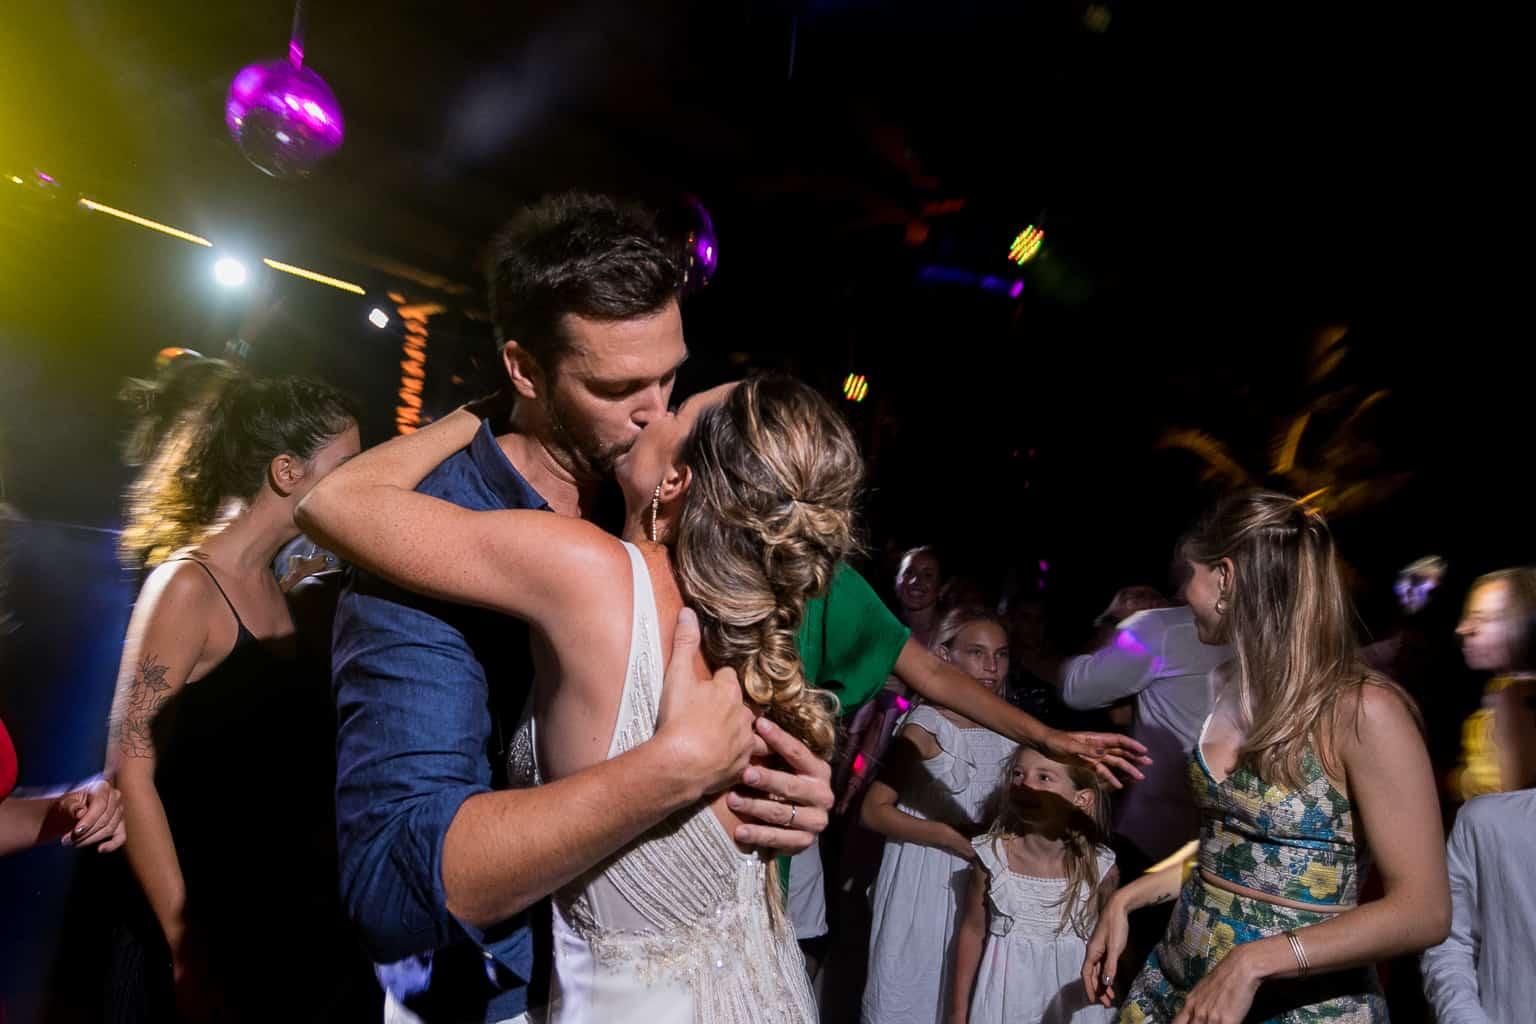 Casamento-Victoria-e-Christian-Fotografia-Tiago-Saldanha-Festa878_MG_2324